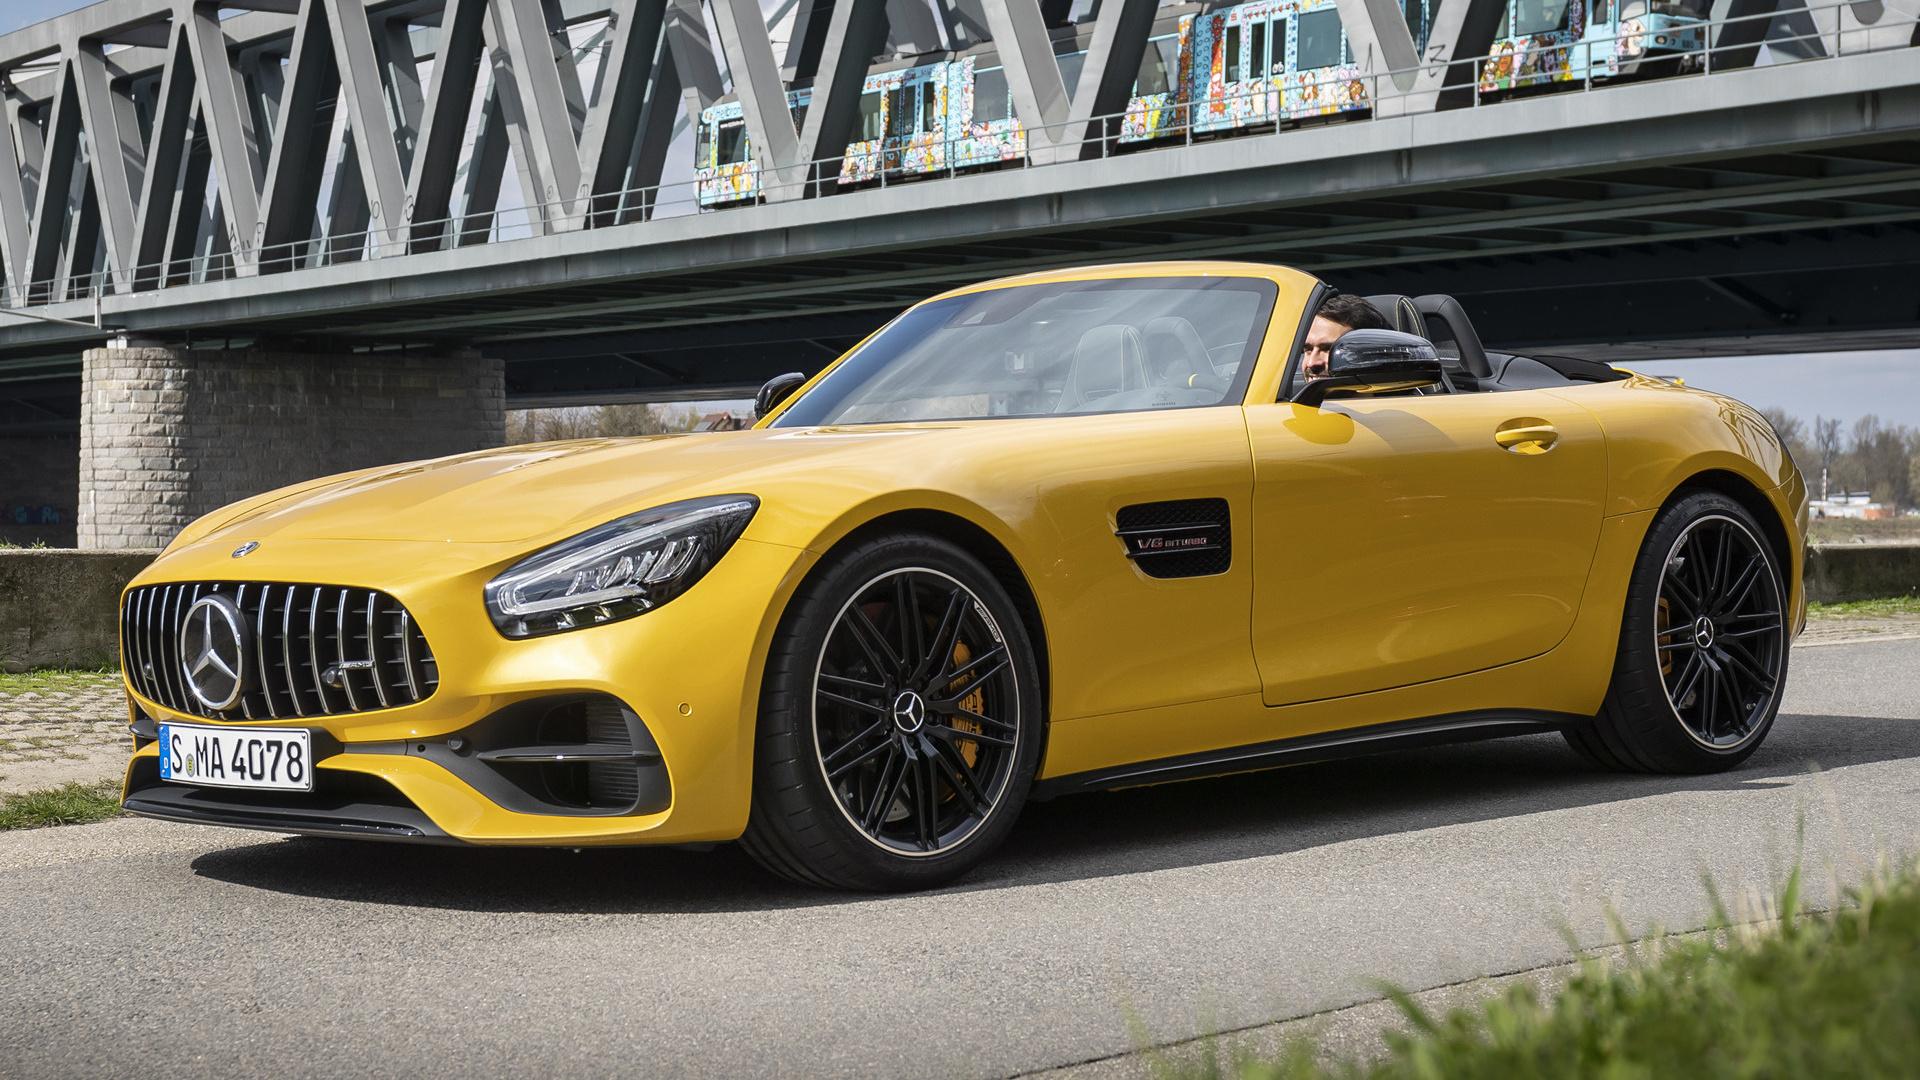 2019 Mercedes Amg Gt S Roadster Papeis De Parede E Imagens De Fundo Em Hd Car Pixel